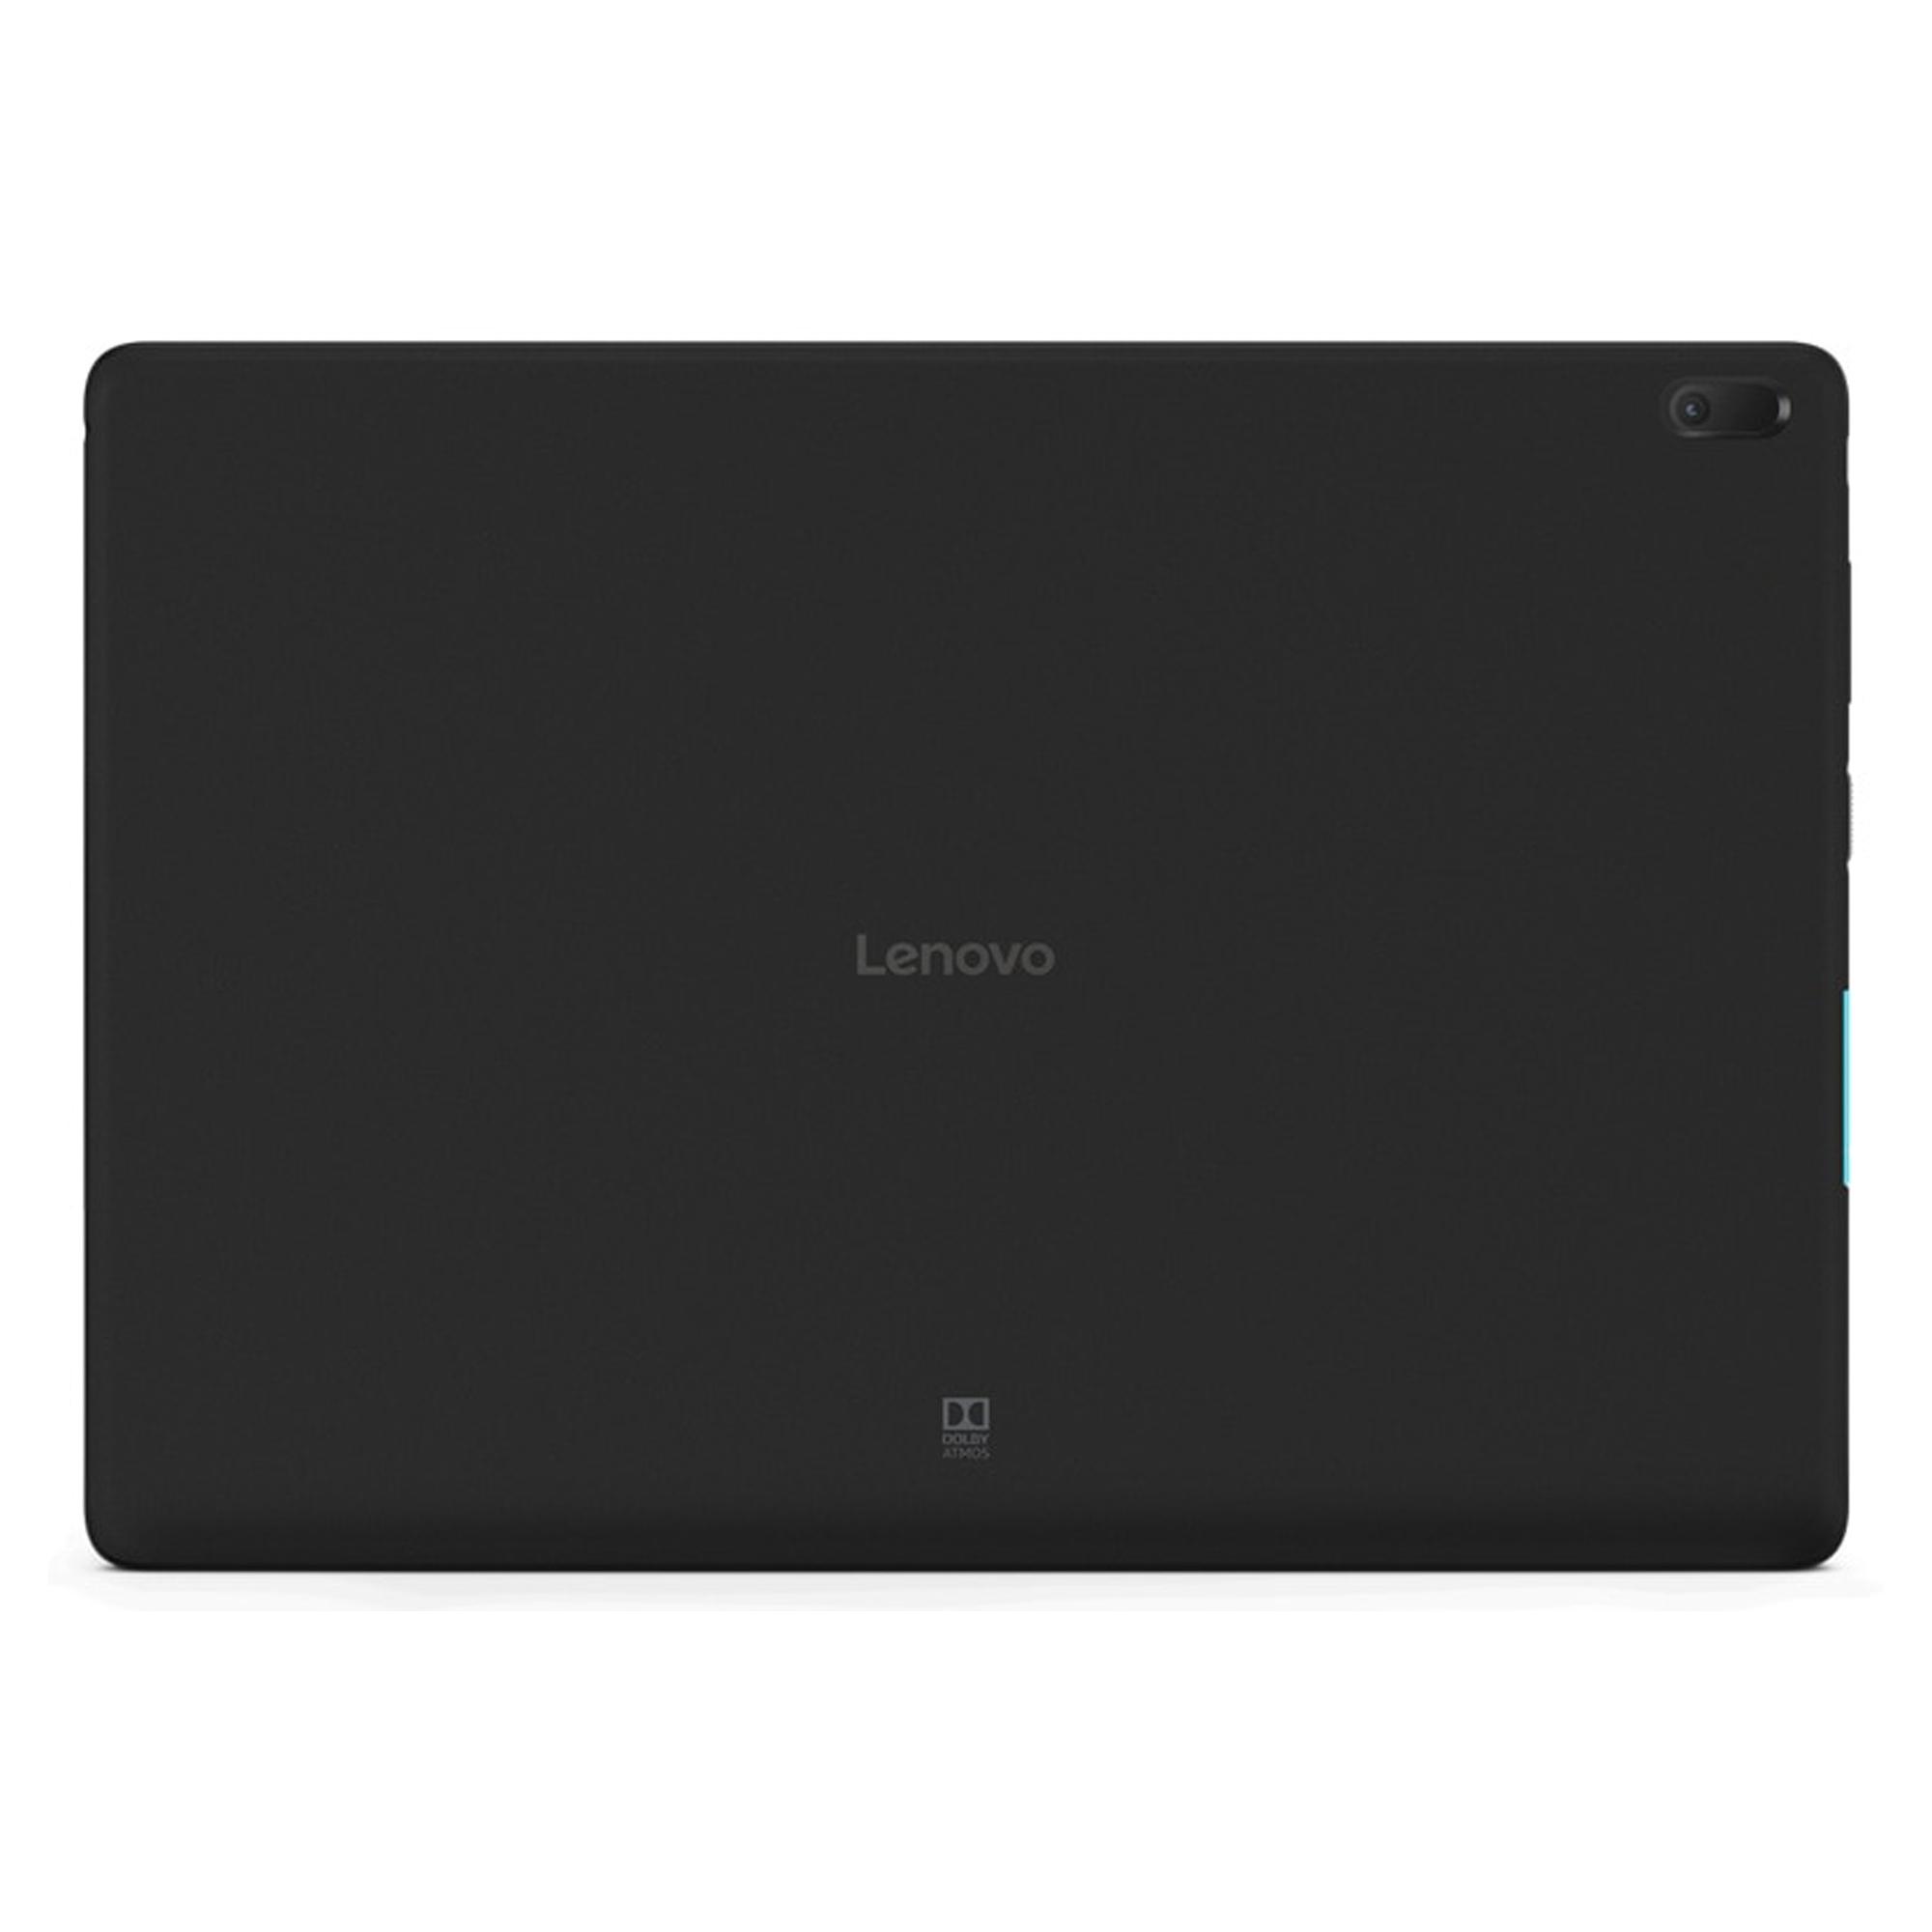 REFURBISHED TABE10-D Tab E10 32 GB Tablet - Black